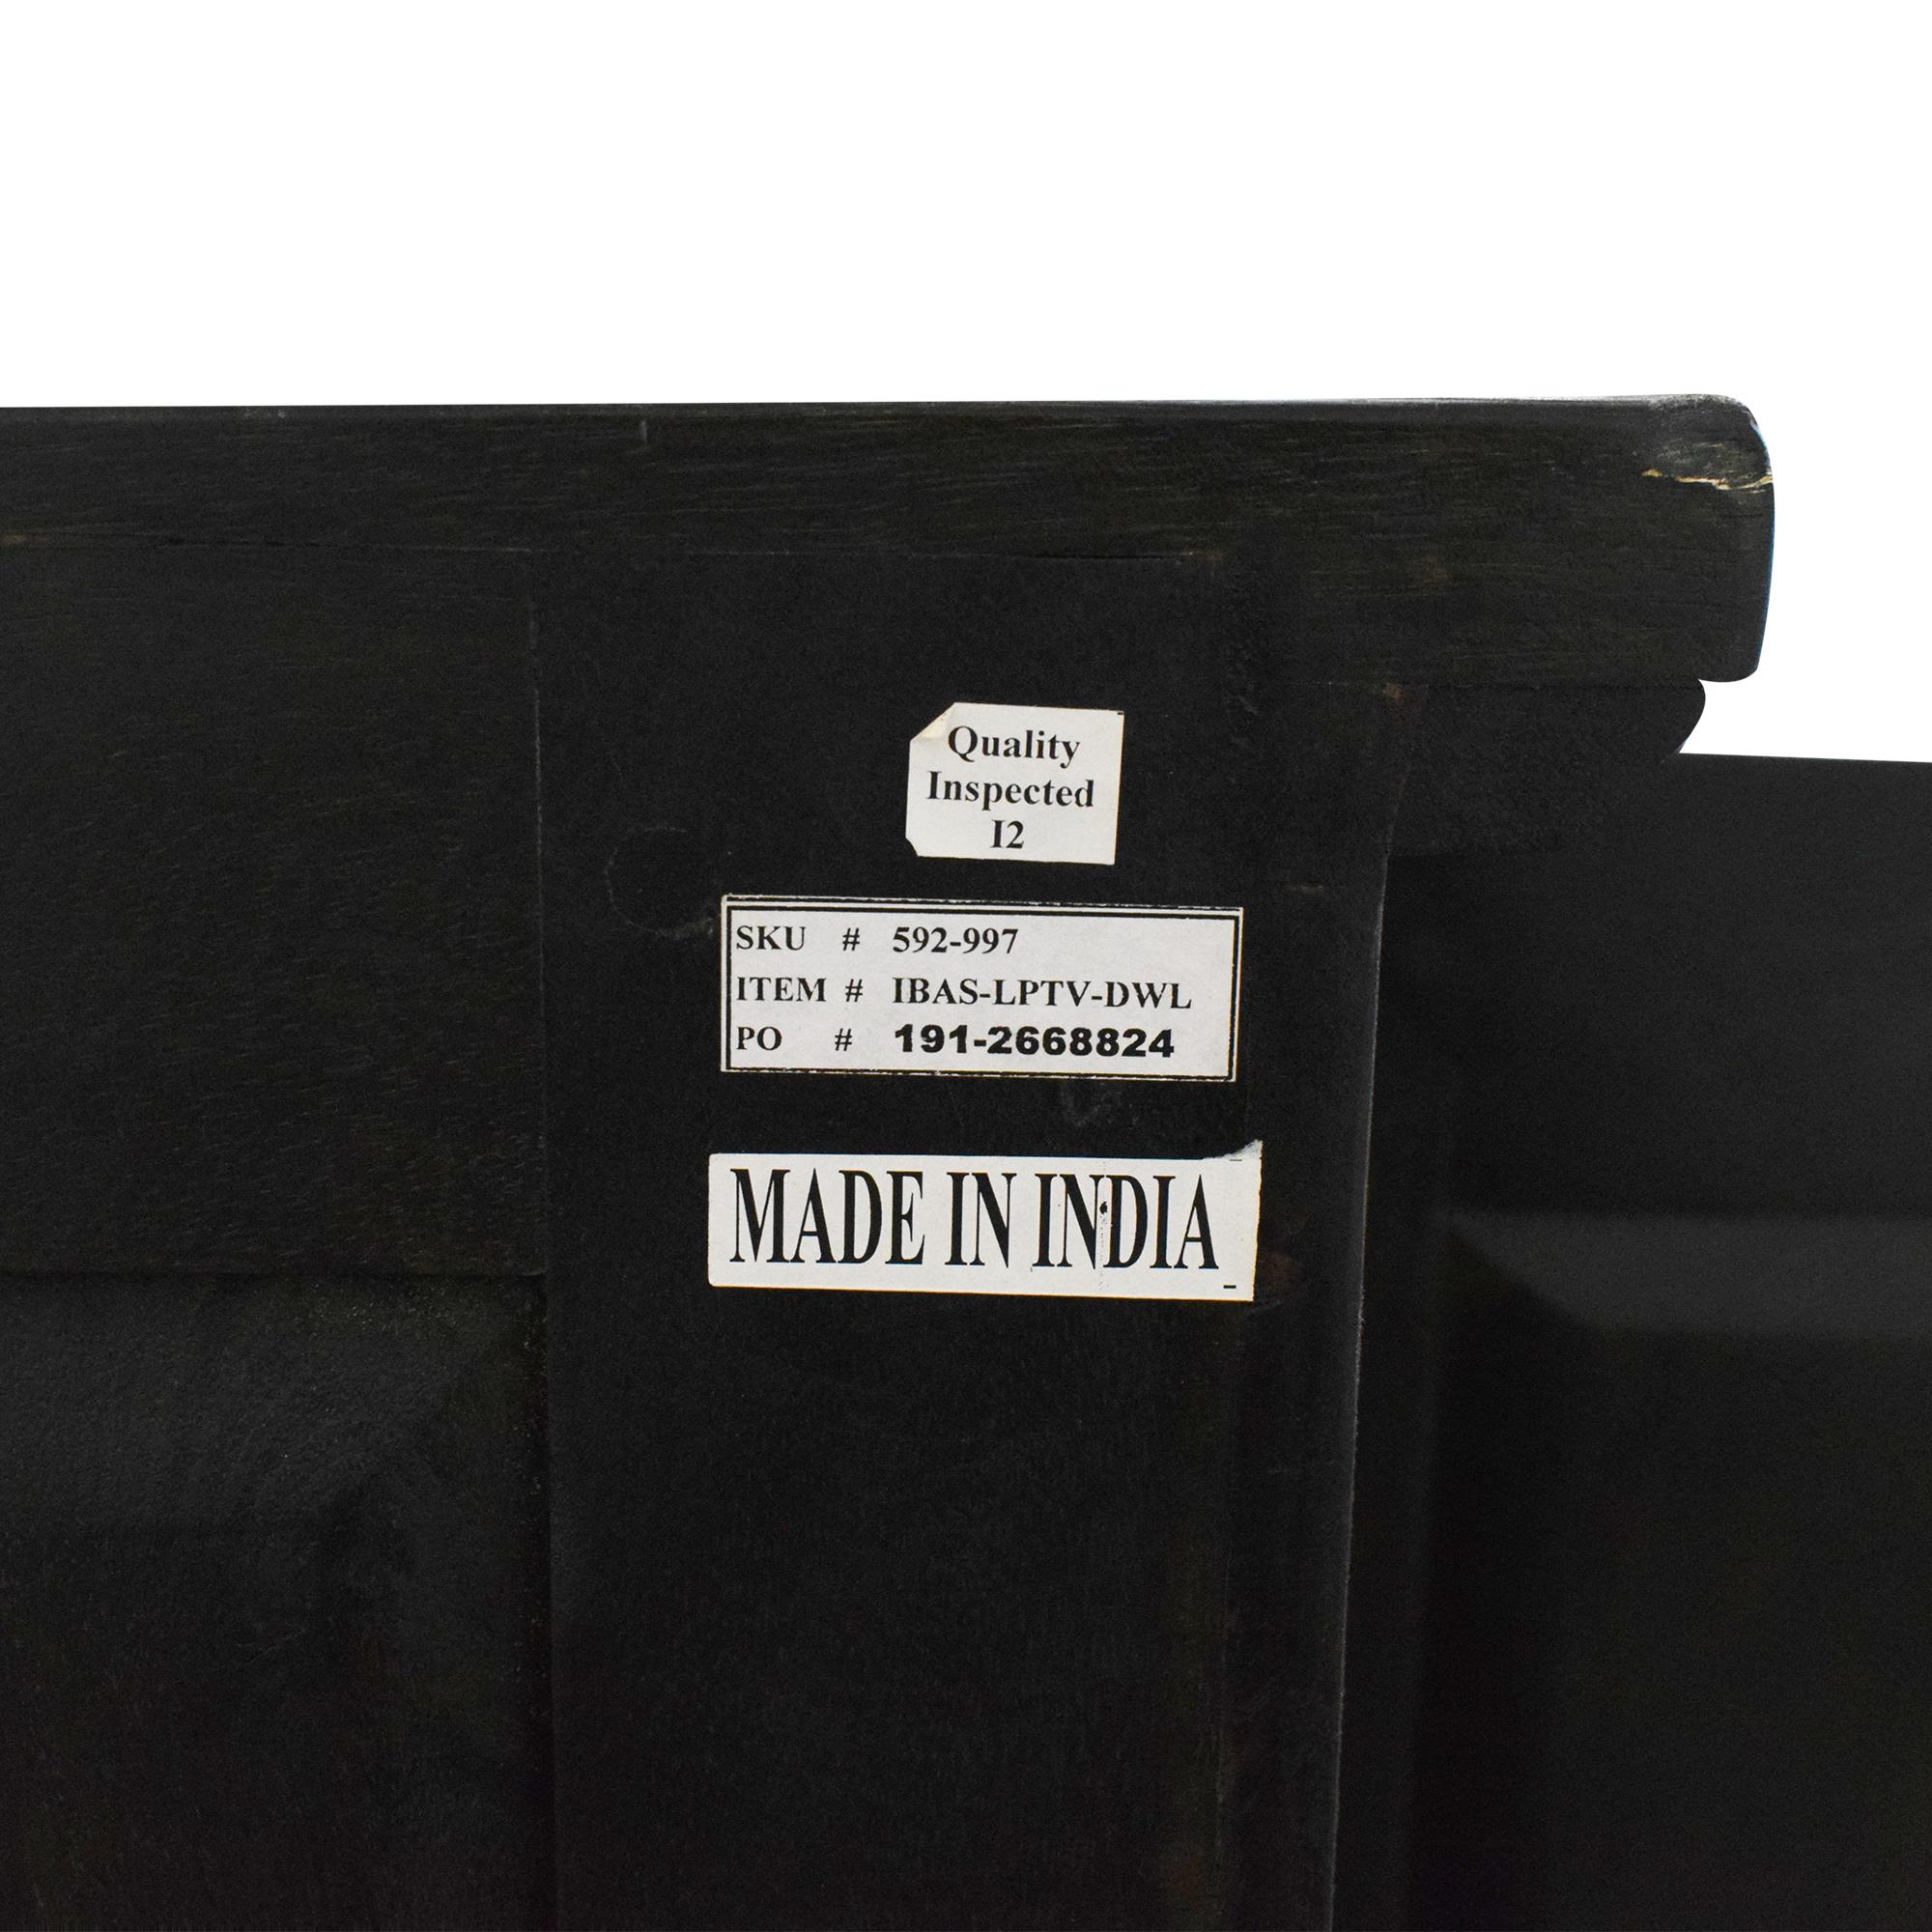 Crate & Barrel Crate & Barrel Custom Basque Media Console nj